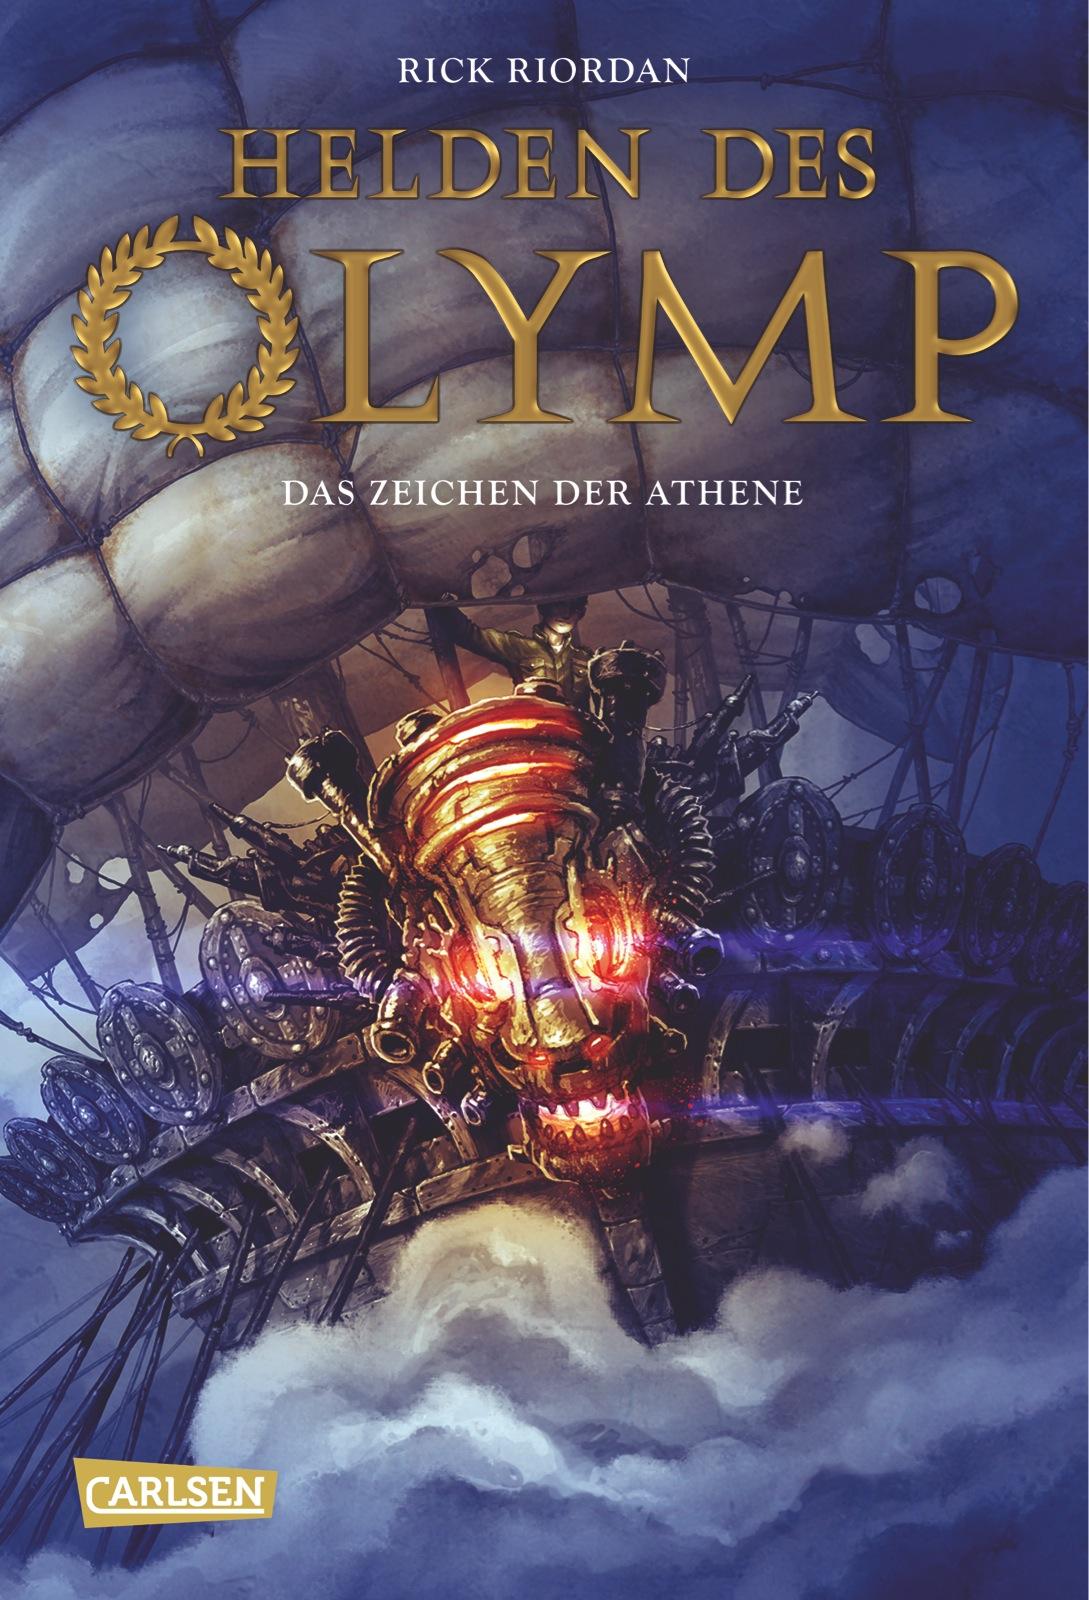 Helden des Olymp - Band 3: Das Zeichen der Athene - Rick Riordan [Taschenbuch]